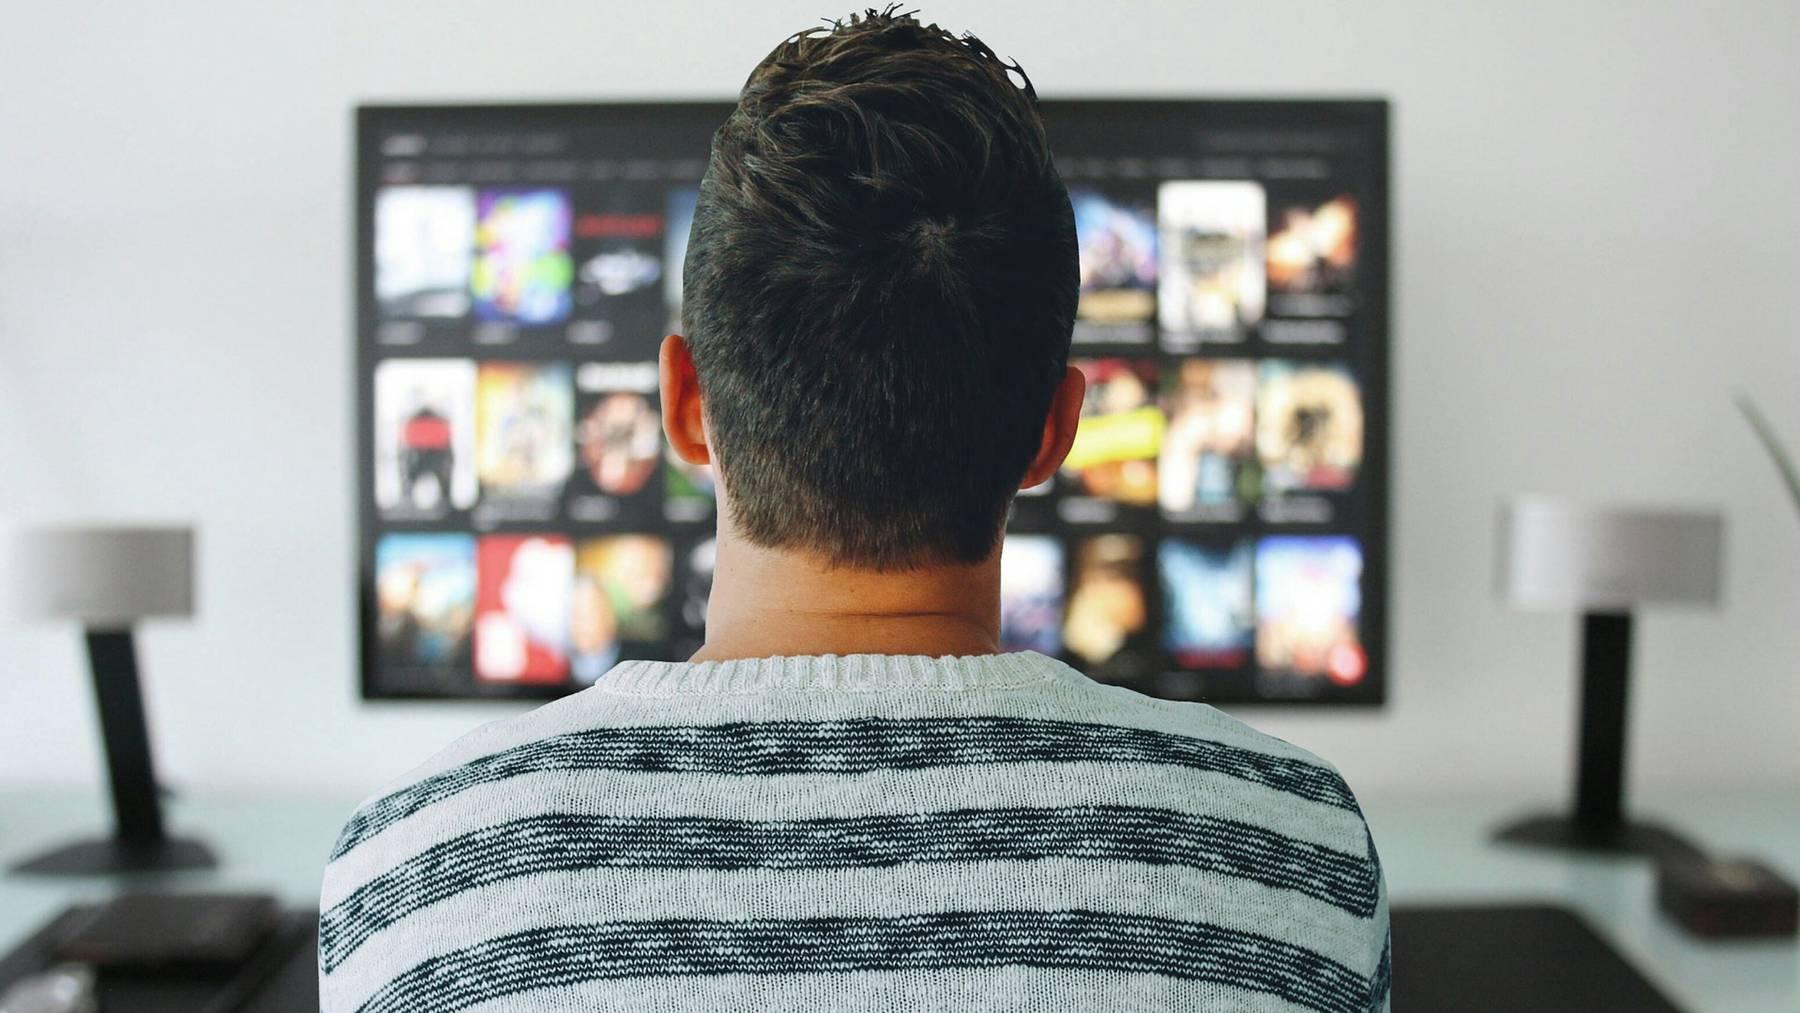 Netflix versorgt uns mit immer mehr Dokumentationen – und verstösst dabei immer wieder gegen journalistische Grundsätze.